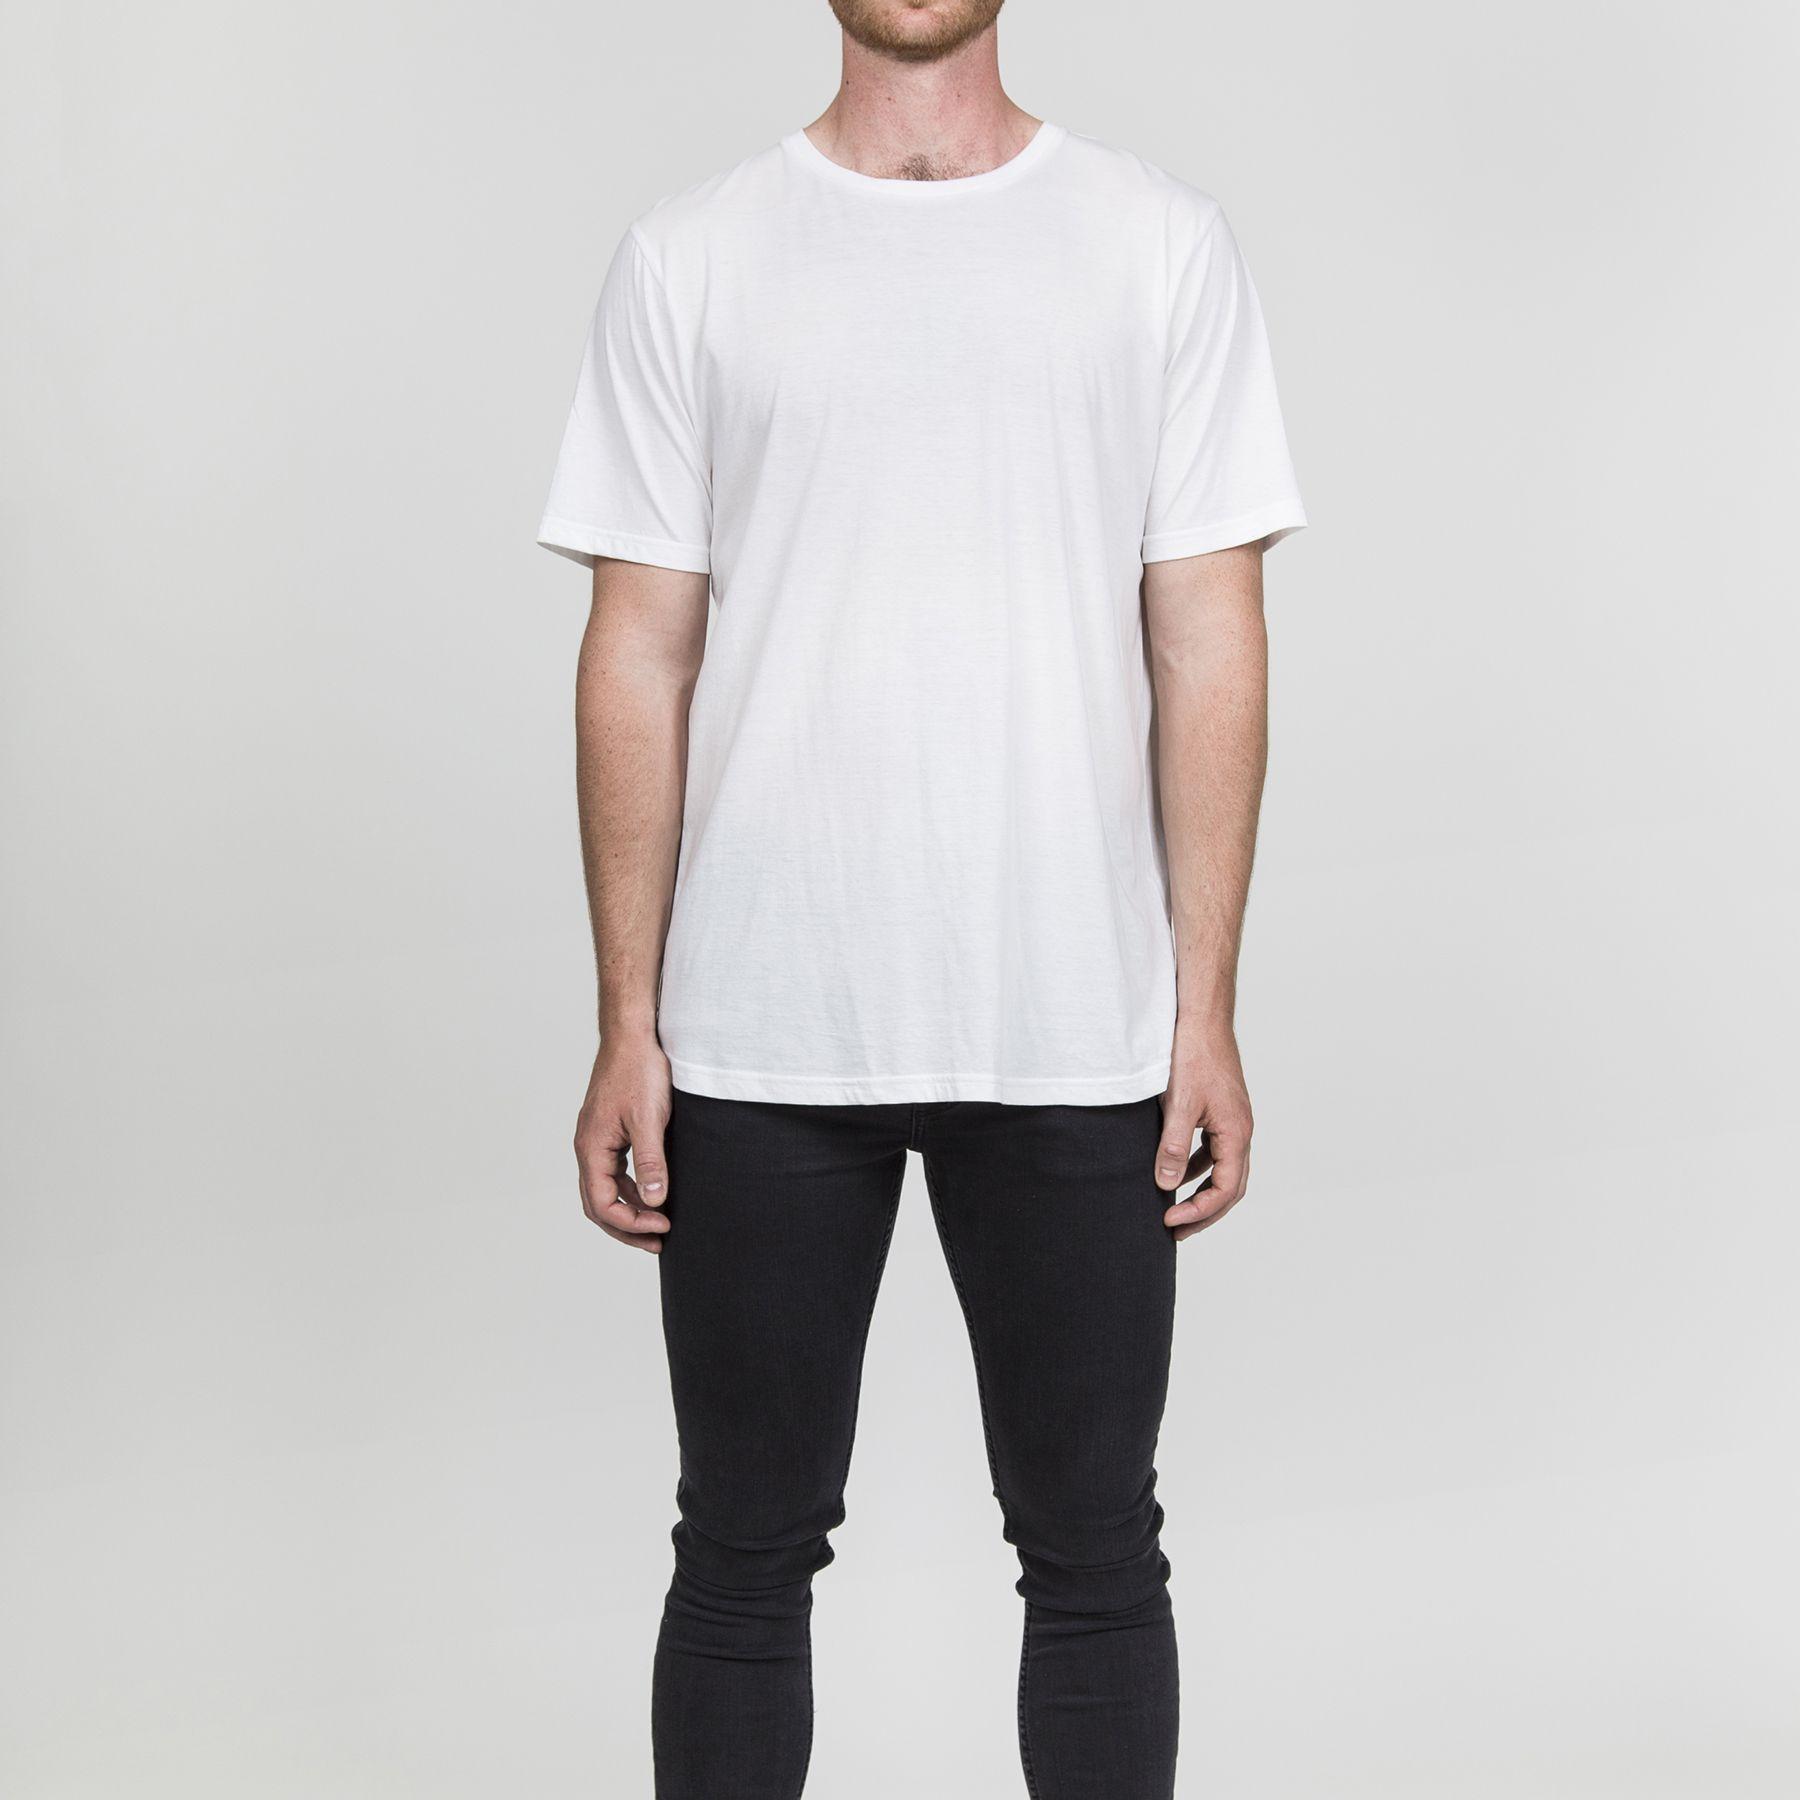 Style: 1860 white